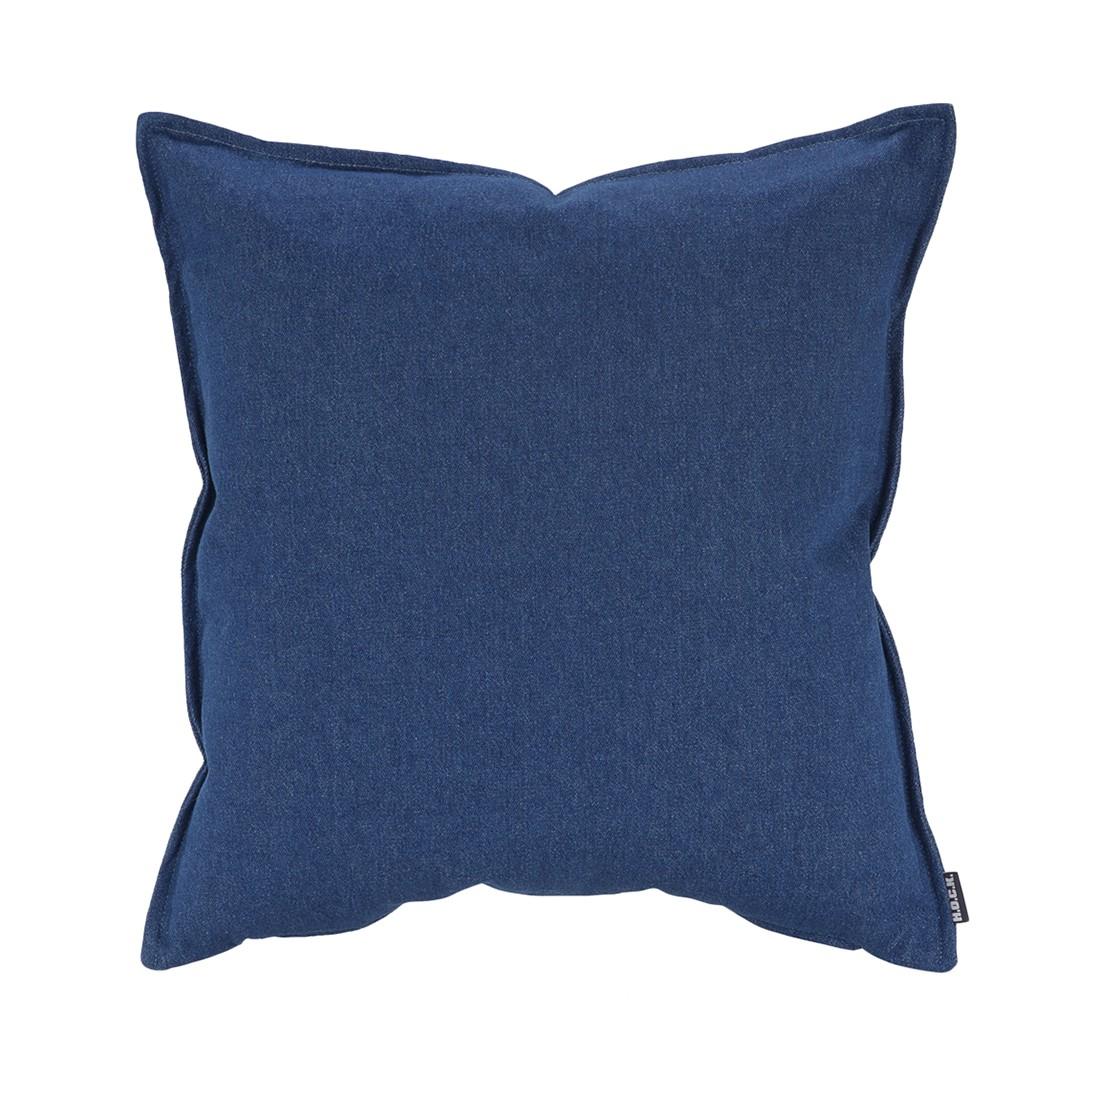 Kissen Denim – Baumwolle – Blau – 50x50cm, H.O.C.K jetzt kaufen